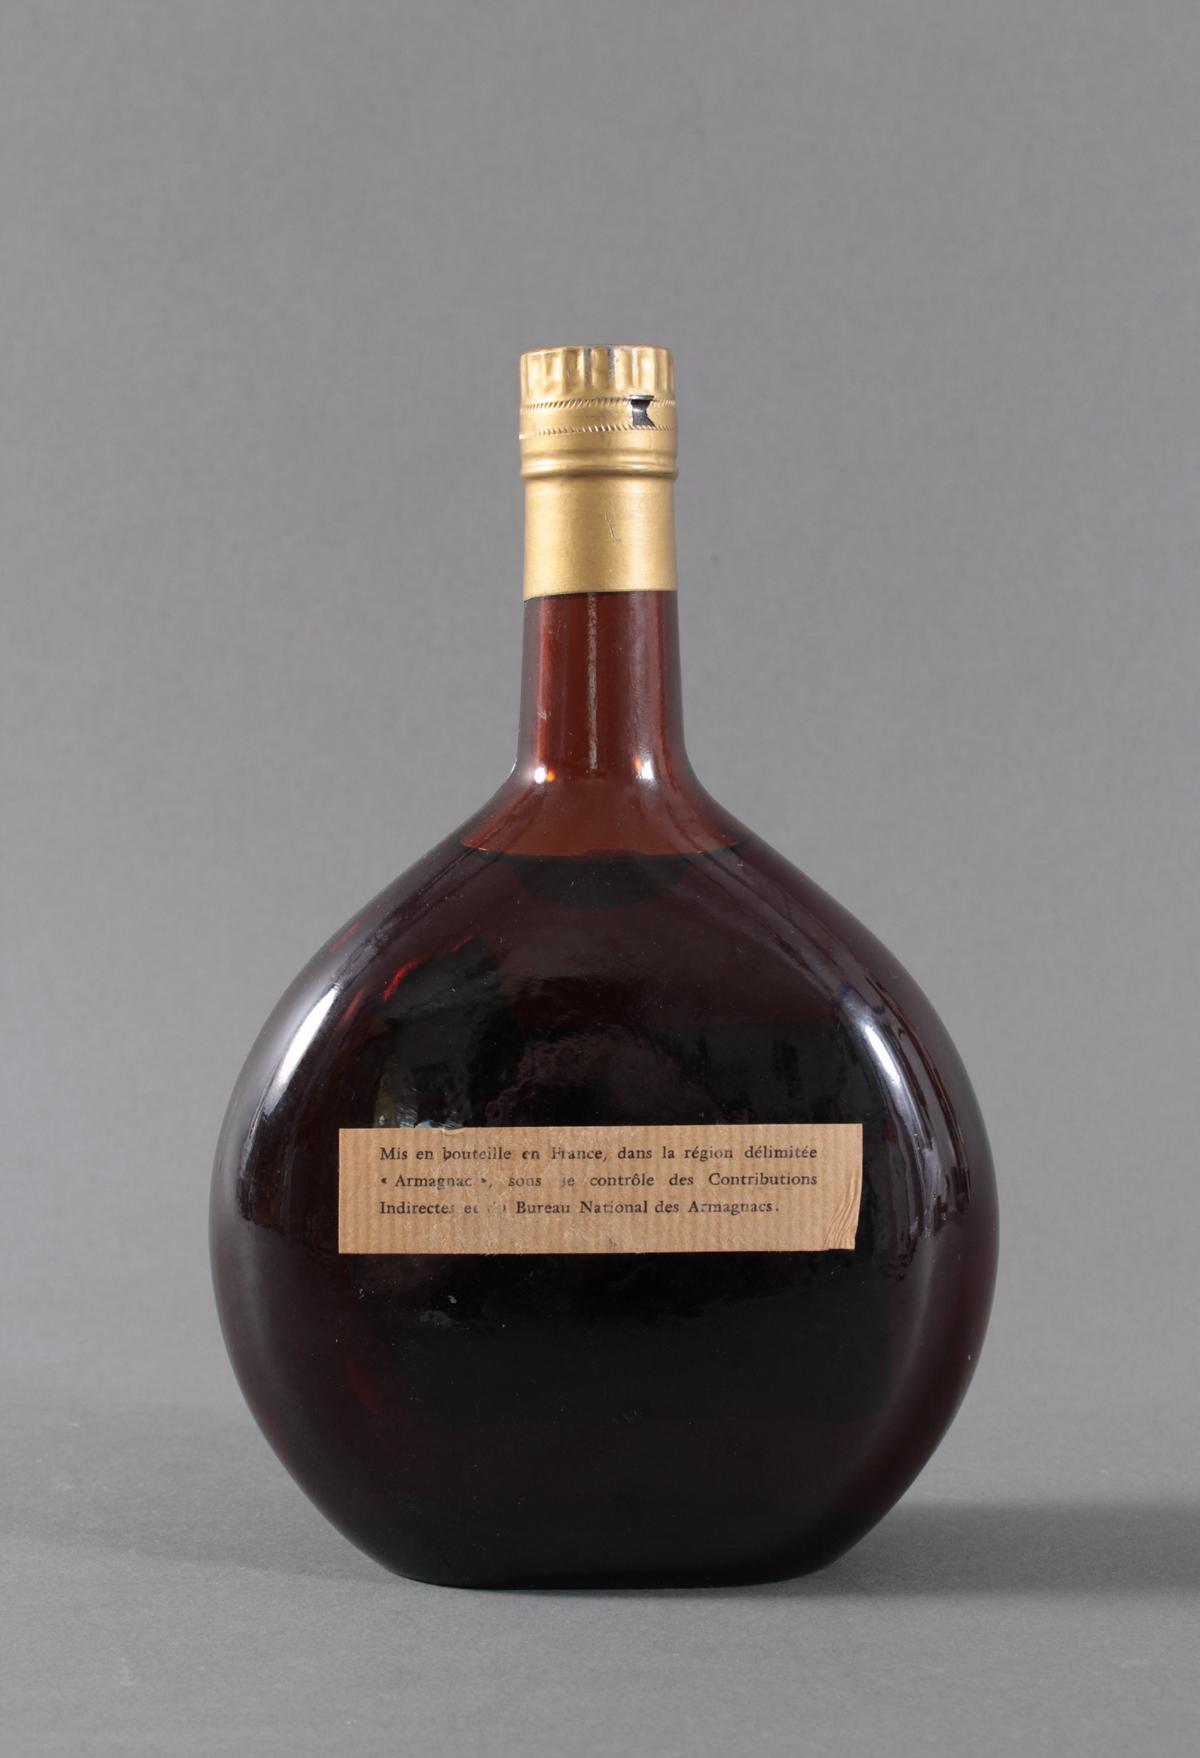 1946er Armagnac du Collectionneur, J. Pupeyron-2